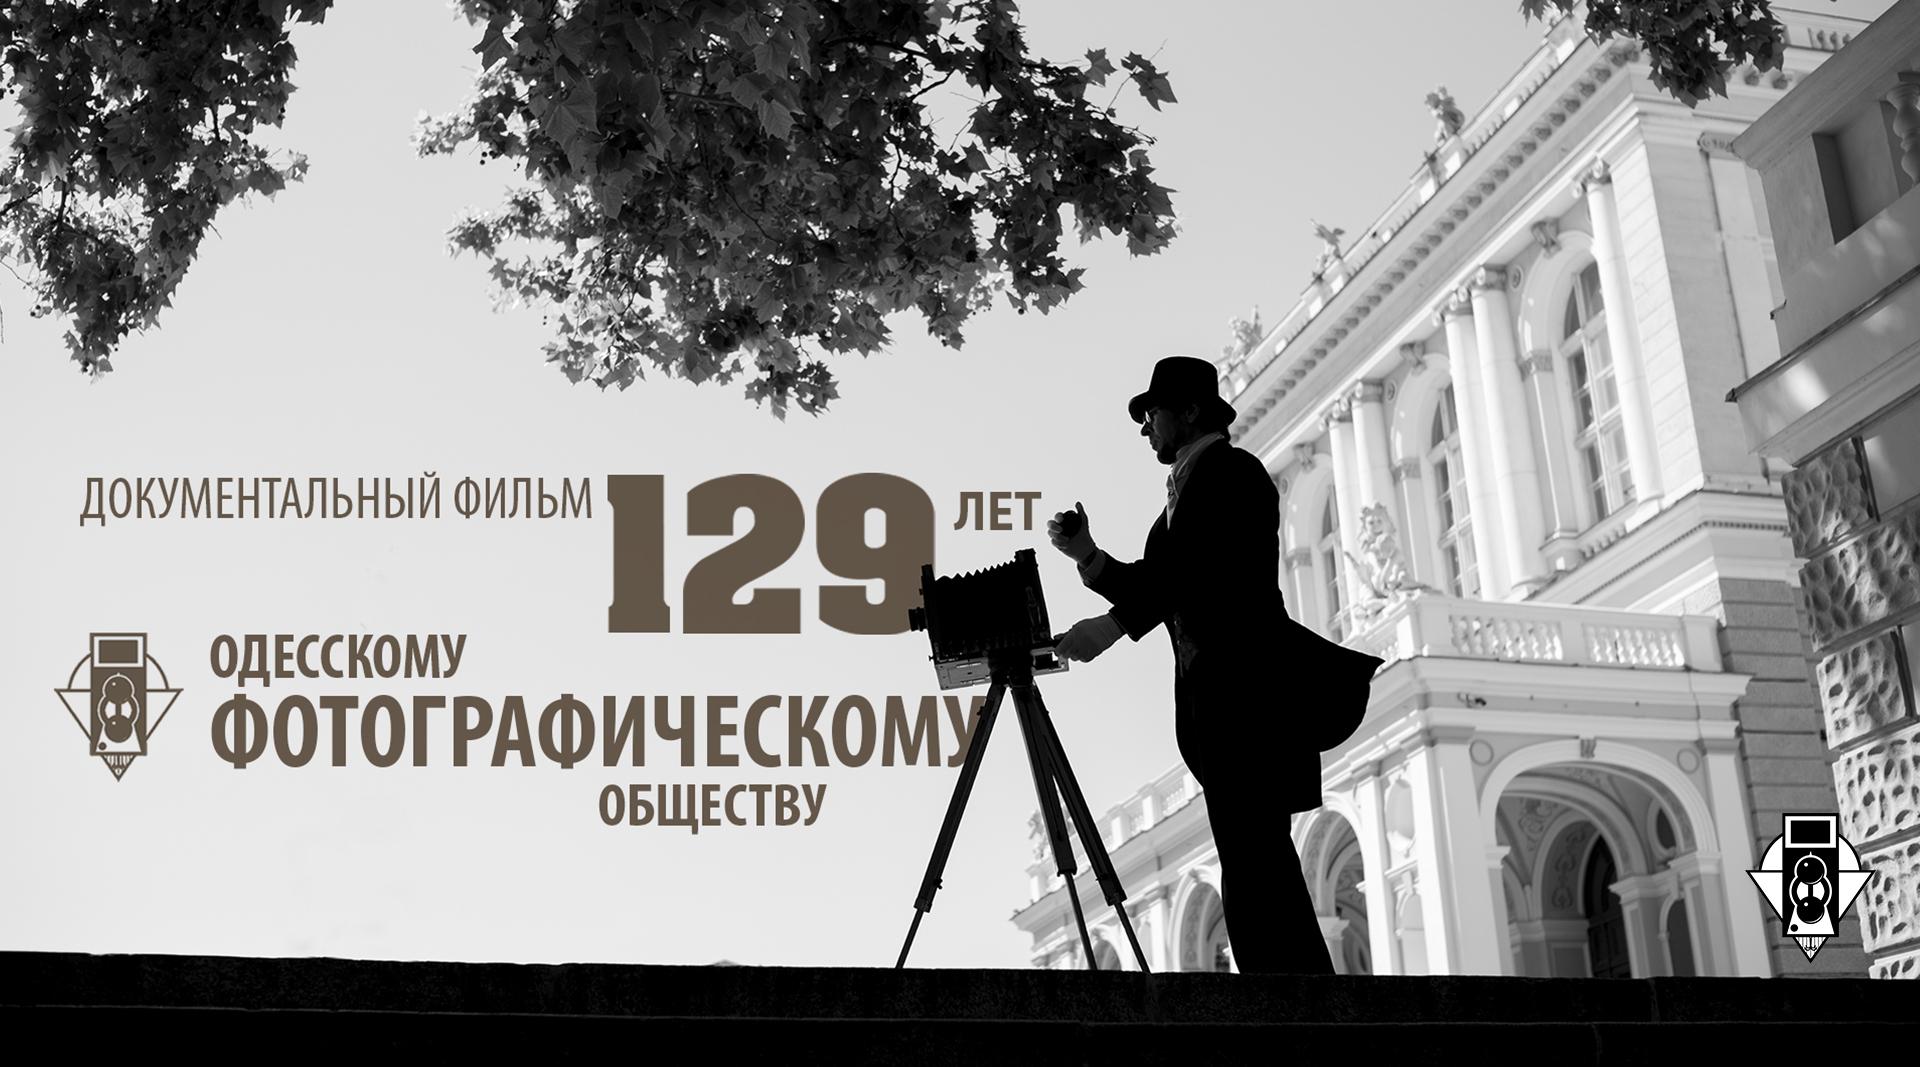 Документальный фильм «129 лет Одесскому Фотографическому Обществу»